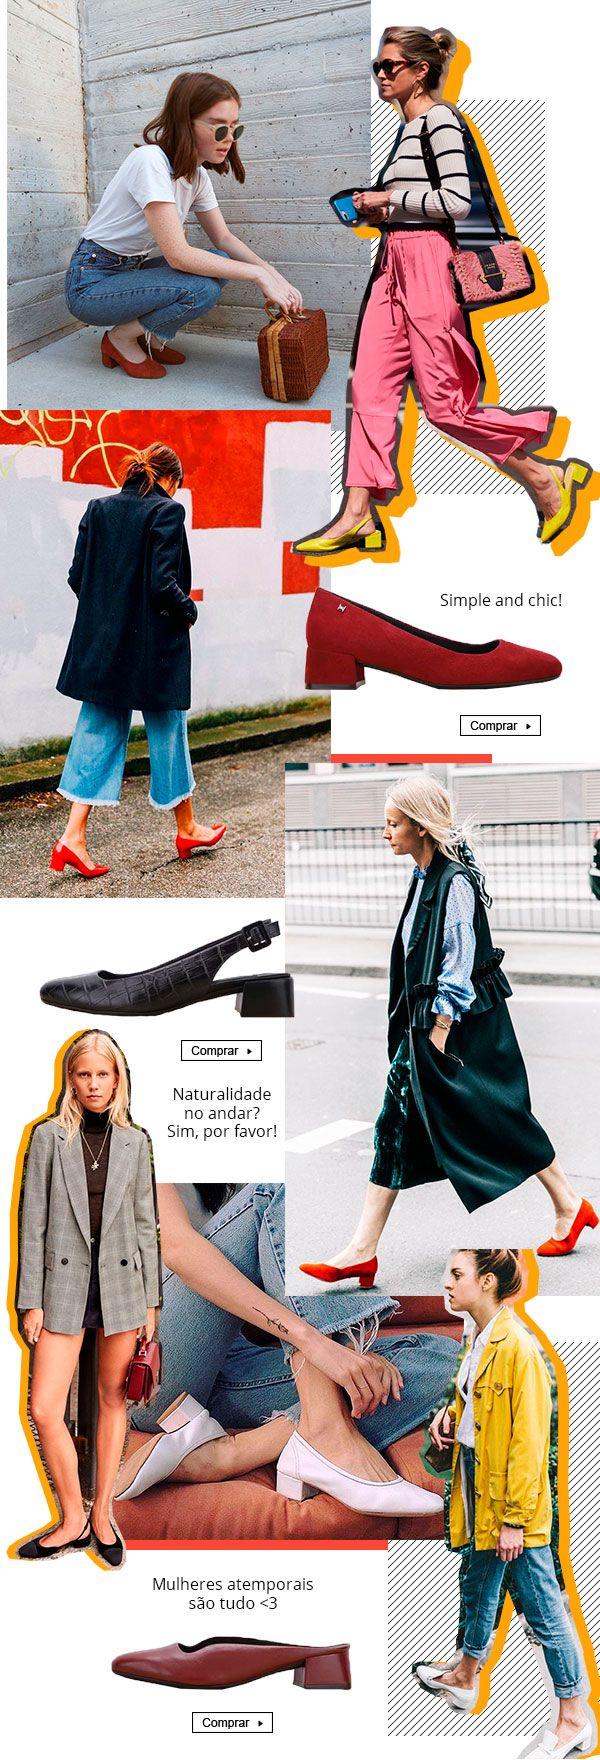 b578b7ba928cc sapato - classico - looks - trend - como usar | Pense em uma marca de  sapatos para mulheres que são donas de si, que priorizam seu bem estar  acima de tudo ...